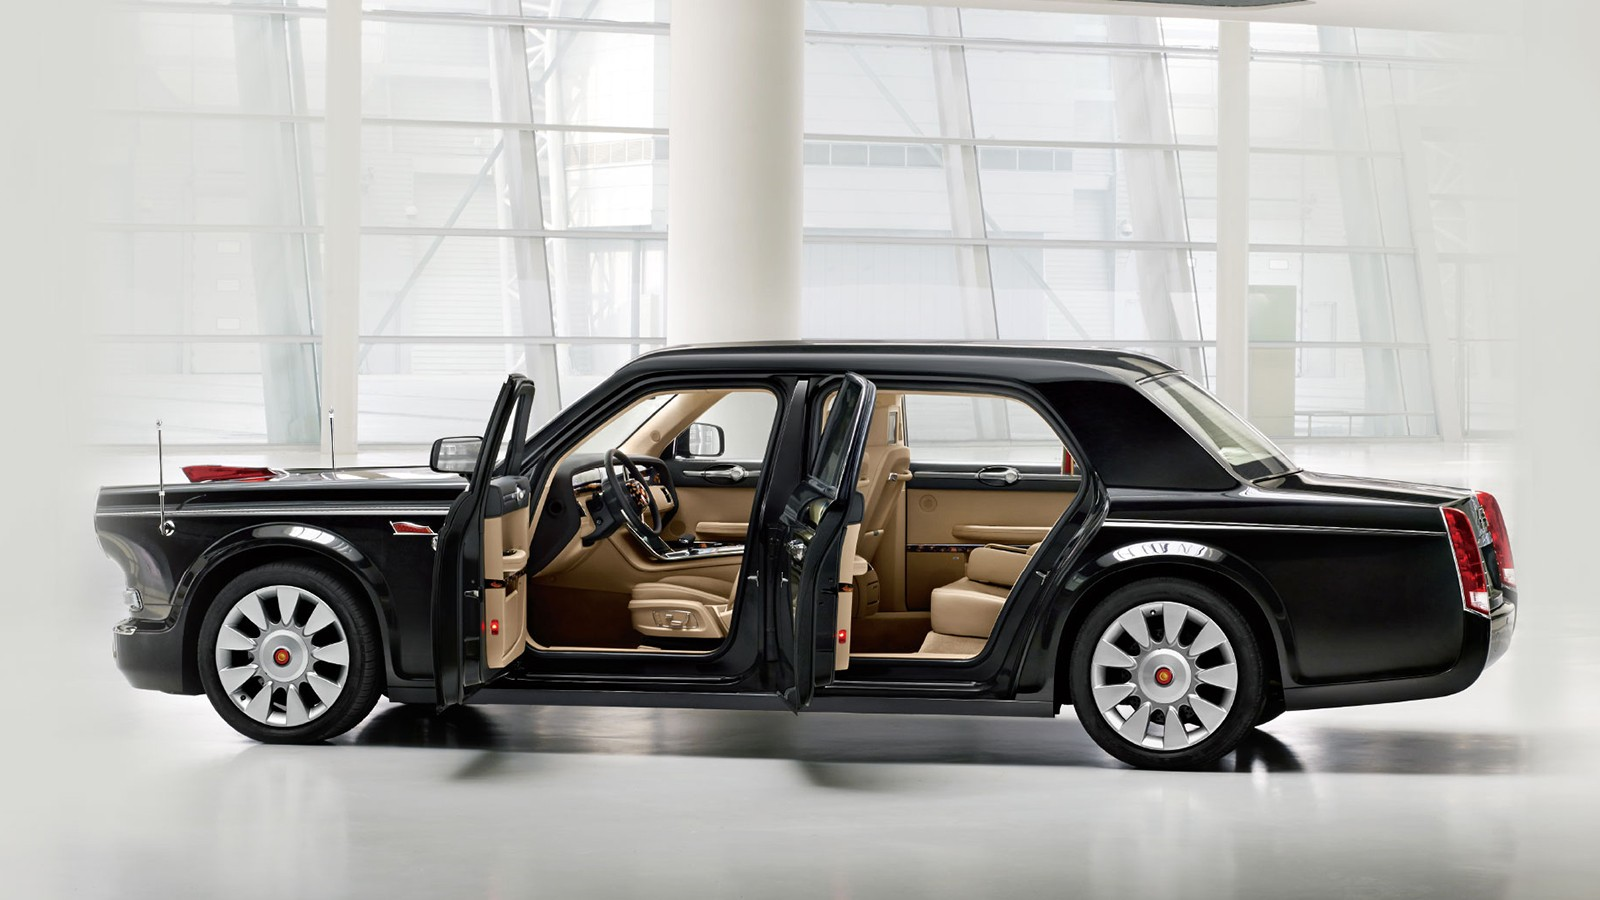 Hongqi L5 планировался как автомобиль, который смогут купить все желающие. Два года назад один был приобретён китайским бизнесменом. Но объёмы продаж крайне малы из-за цены в 5 миллионов юаней